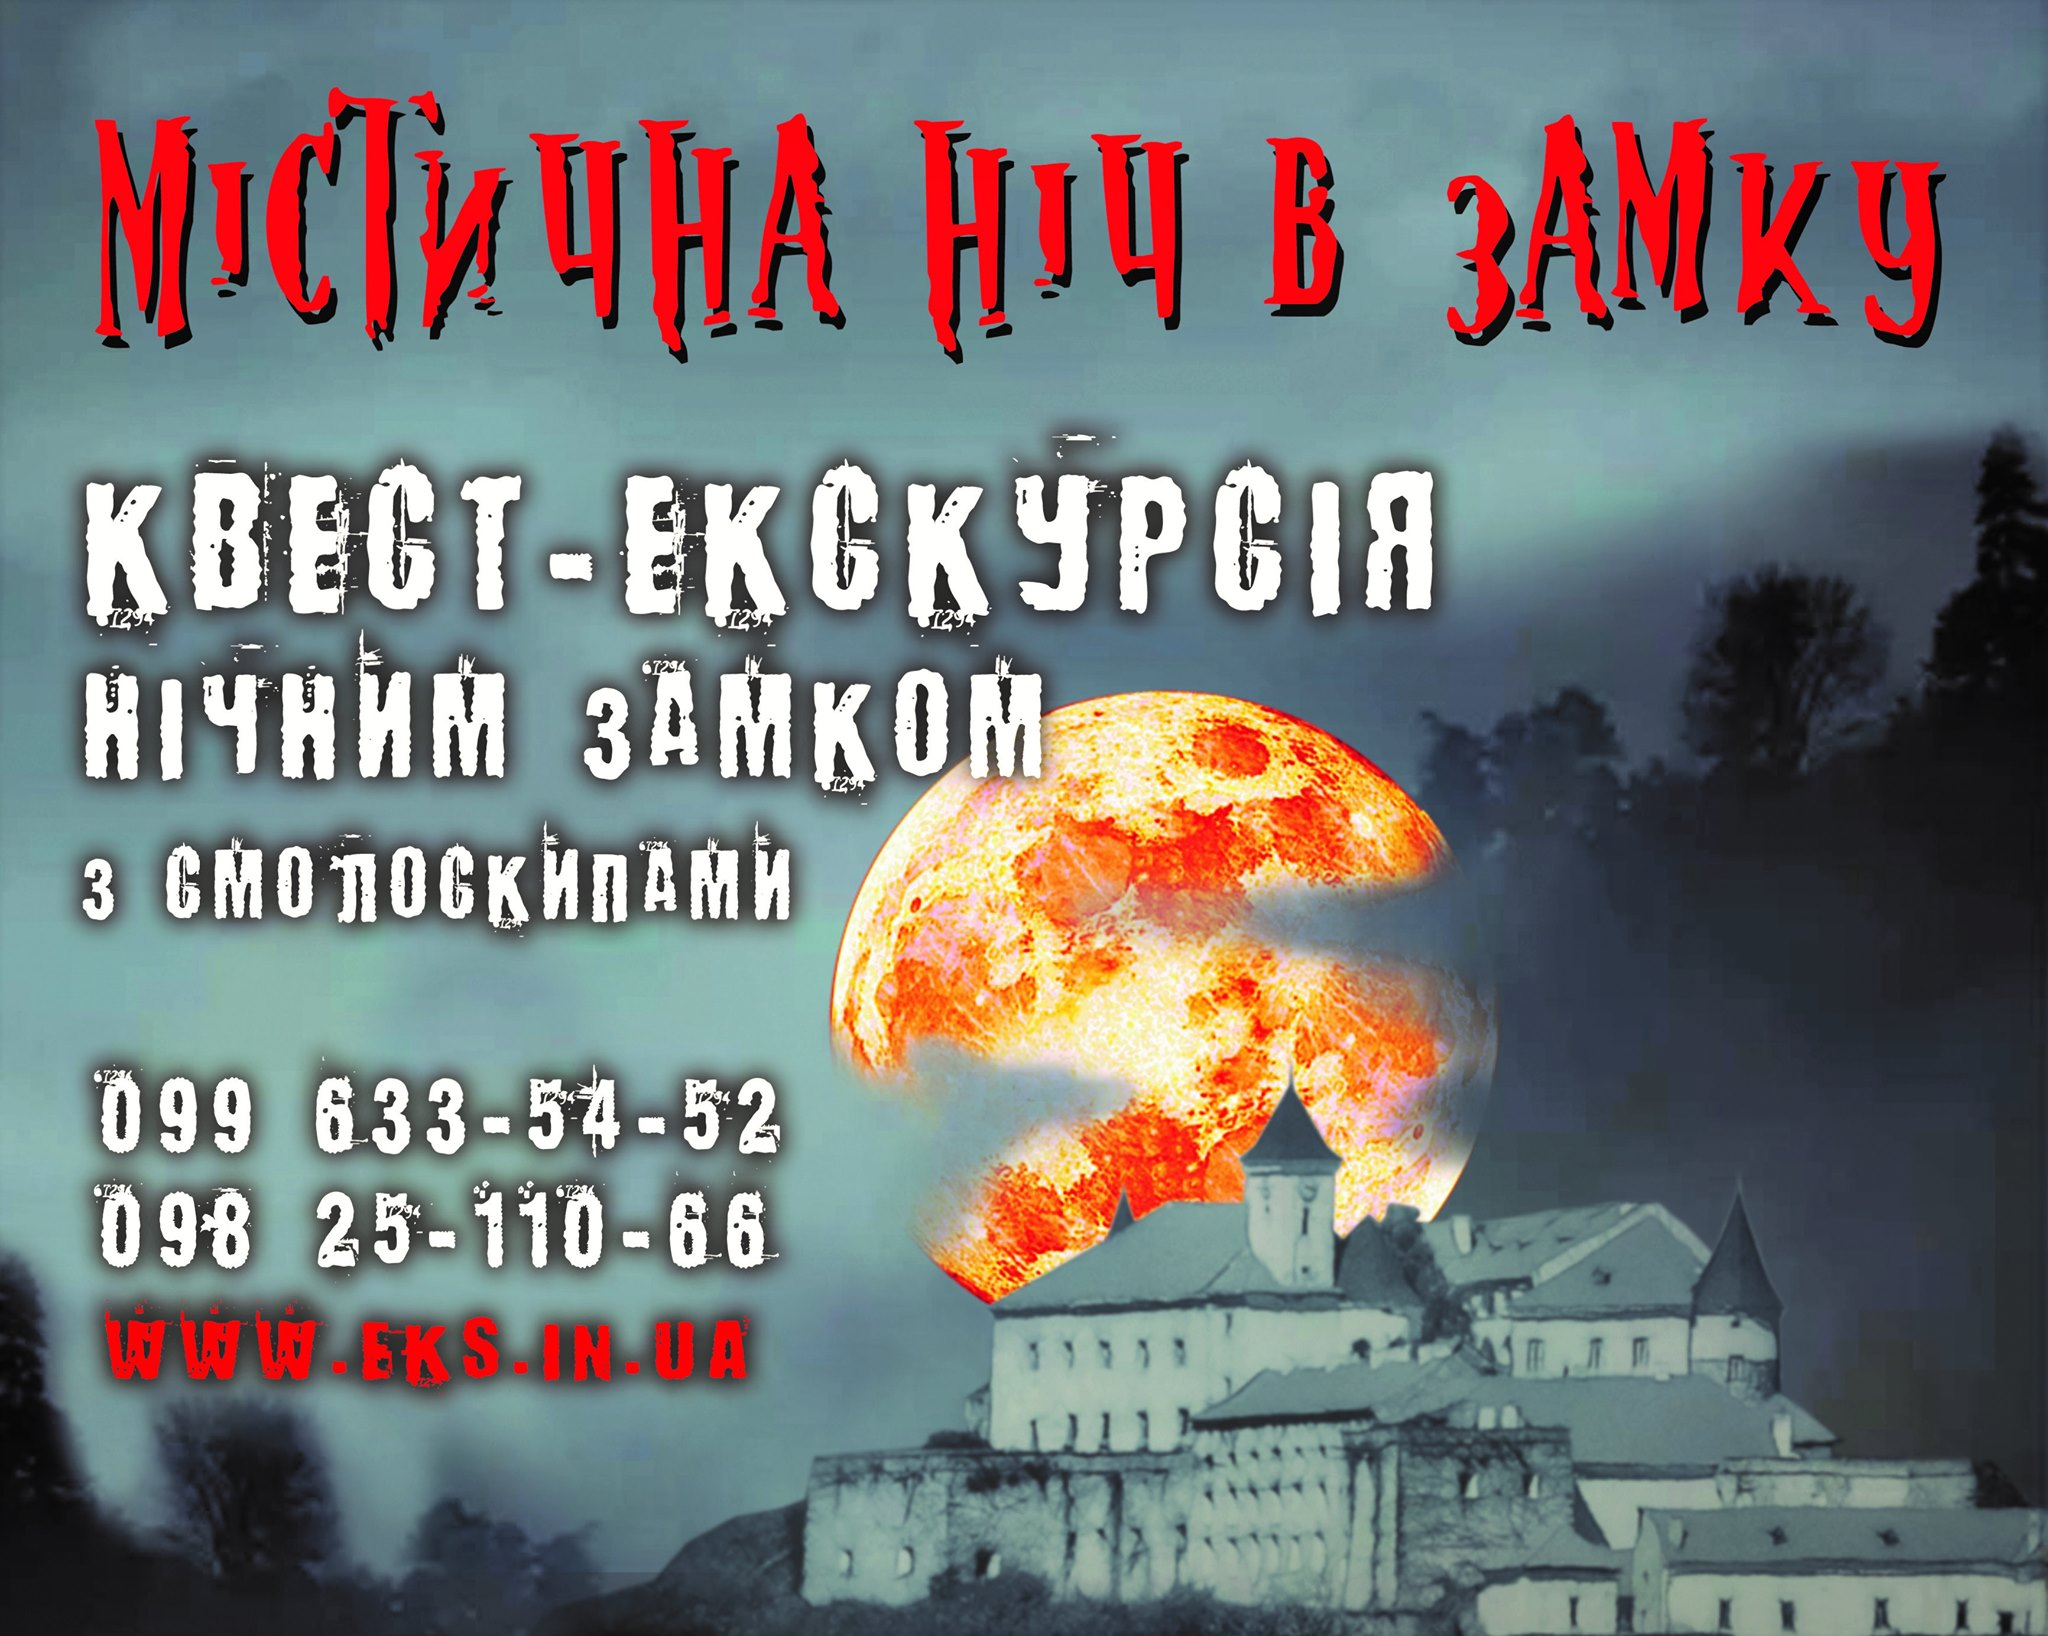 Вы едете на отдых в Закарпатье, но не любите скучных стандартных экскурсий об истории региона, города или замка? Вы хотите весело отдыхать и развлекаться? Тогда это развлечение для Вас!